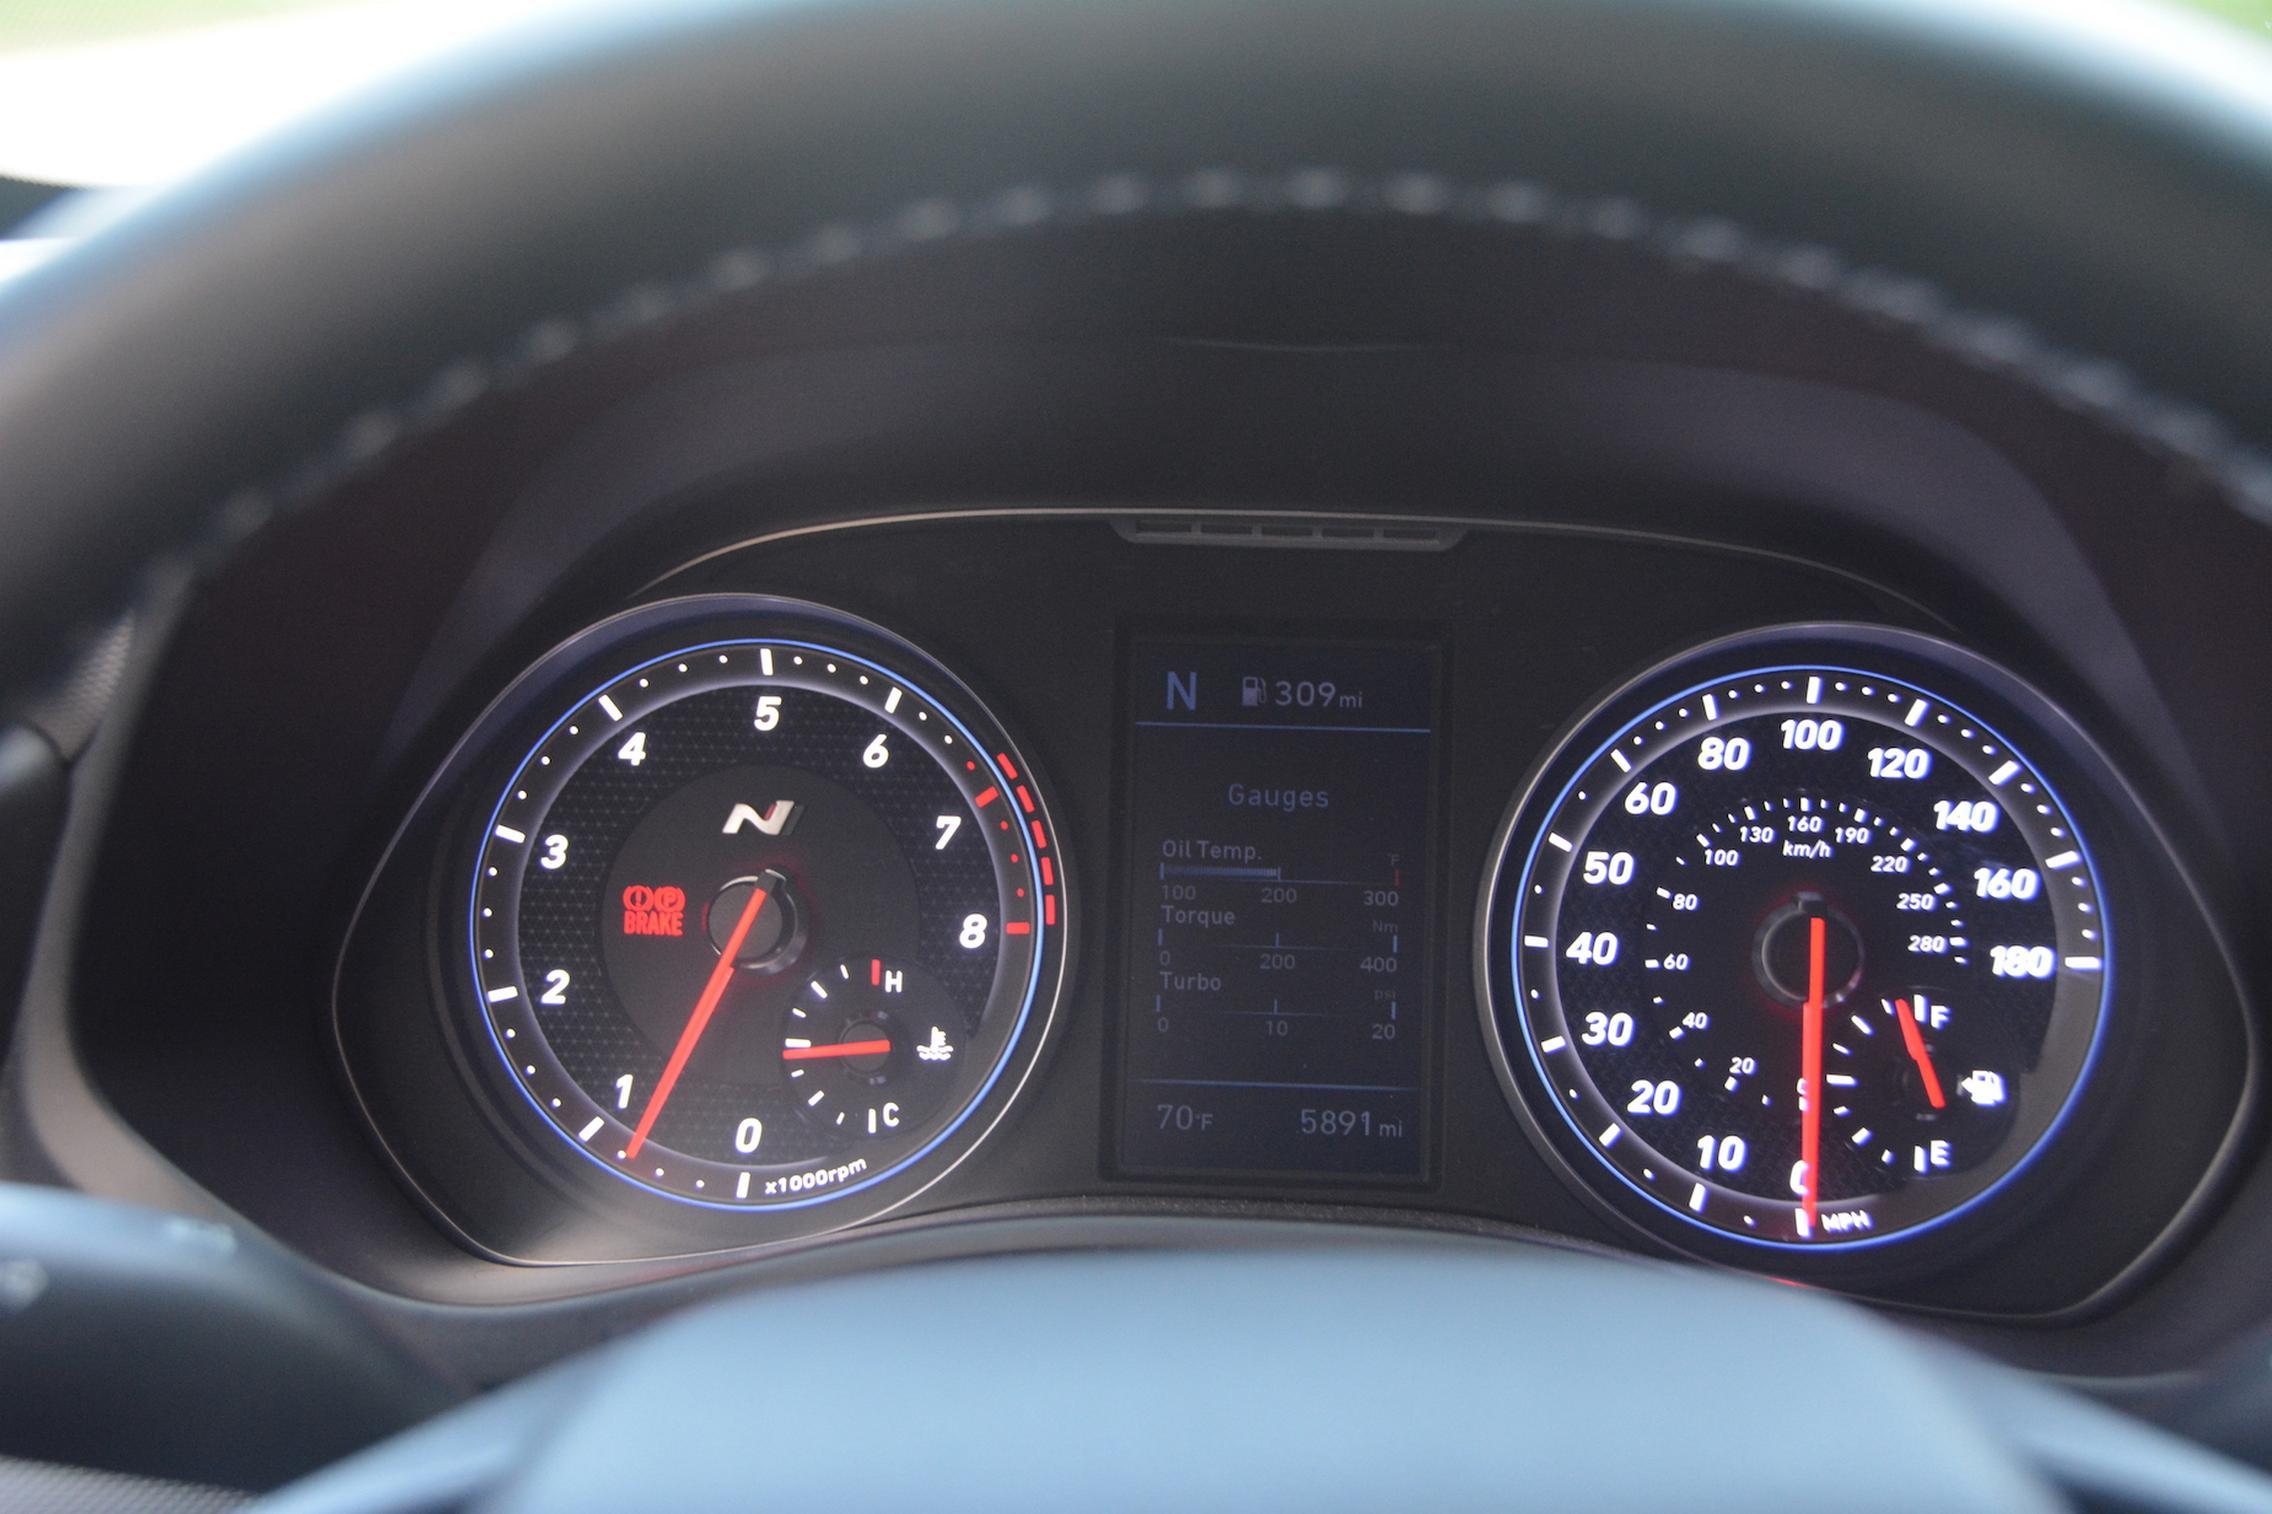 Hyundai Veloster N Speedo